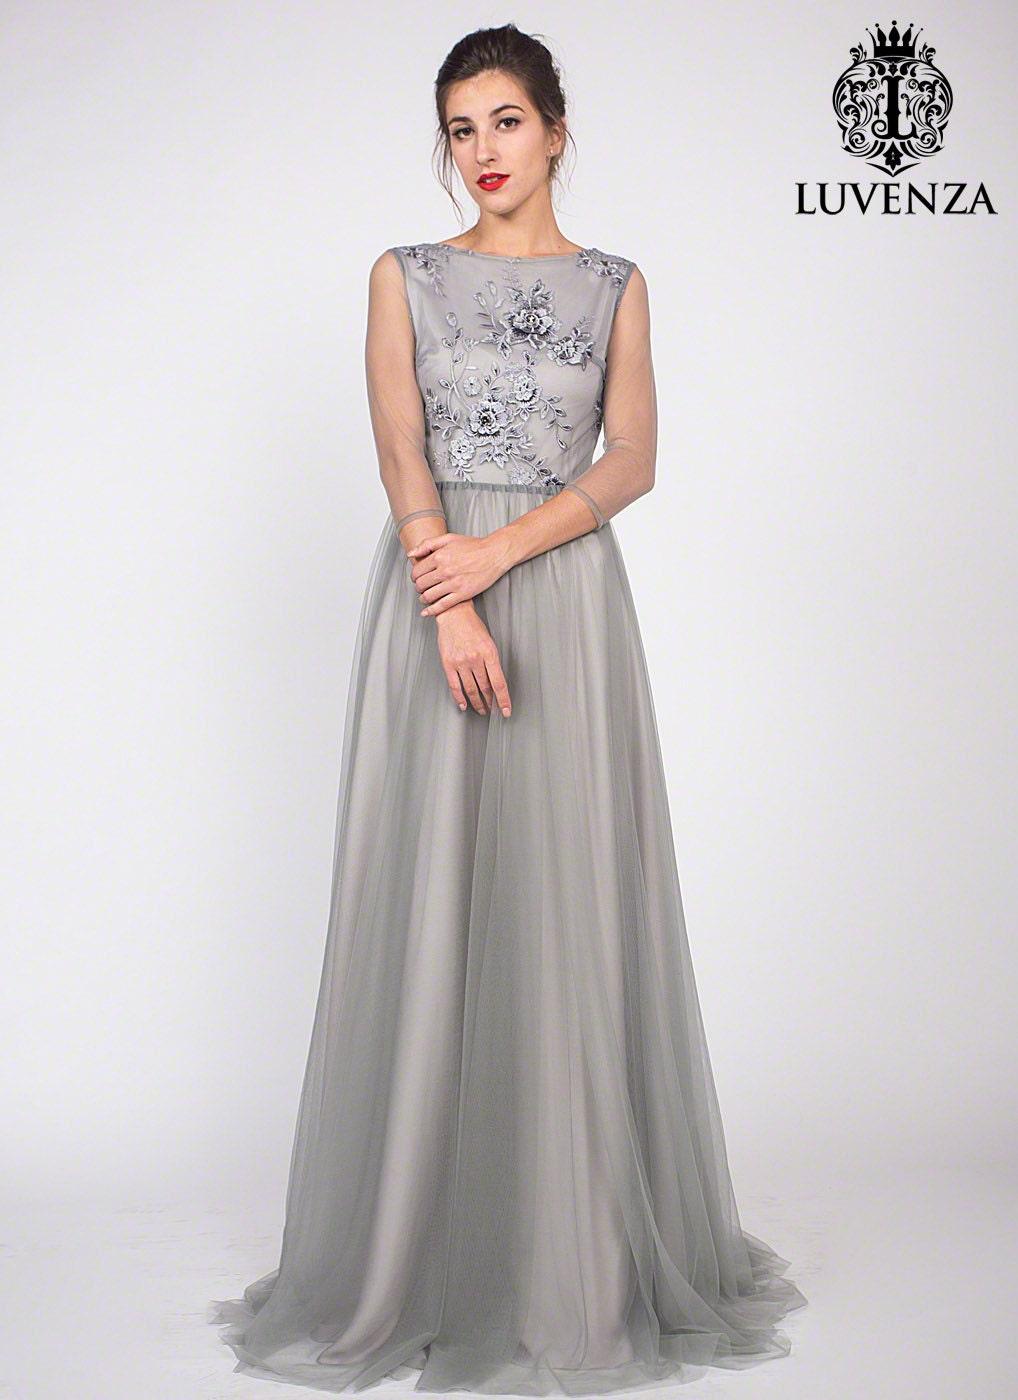 Graue Spitzenkleid lange Ärmel Spitze Prom Kleid graue